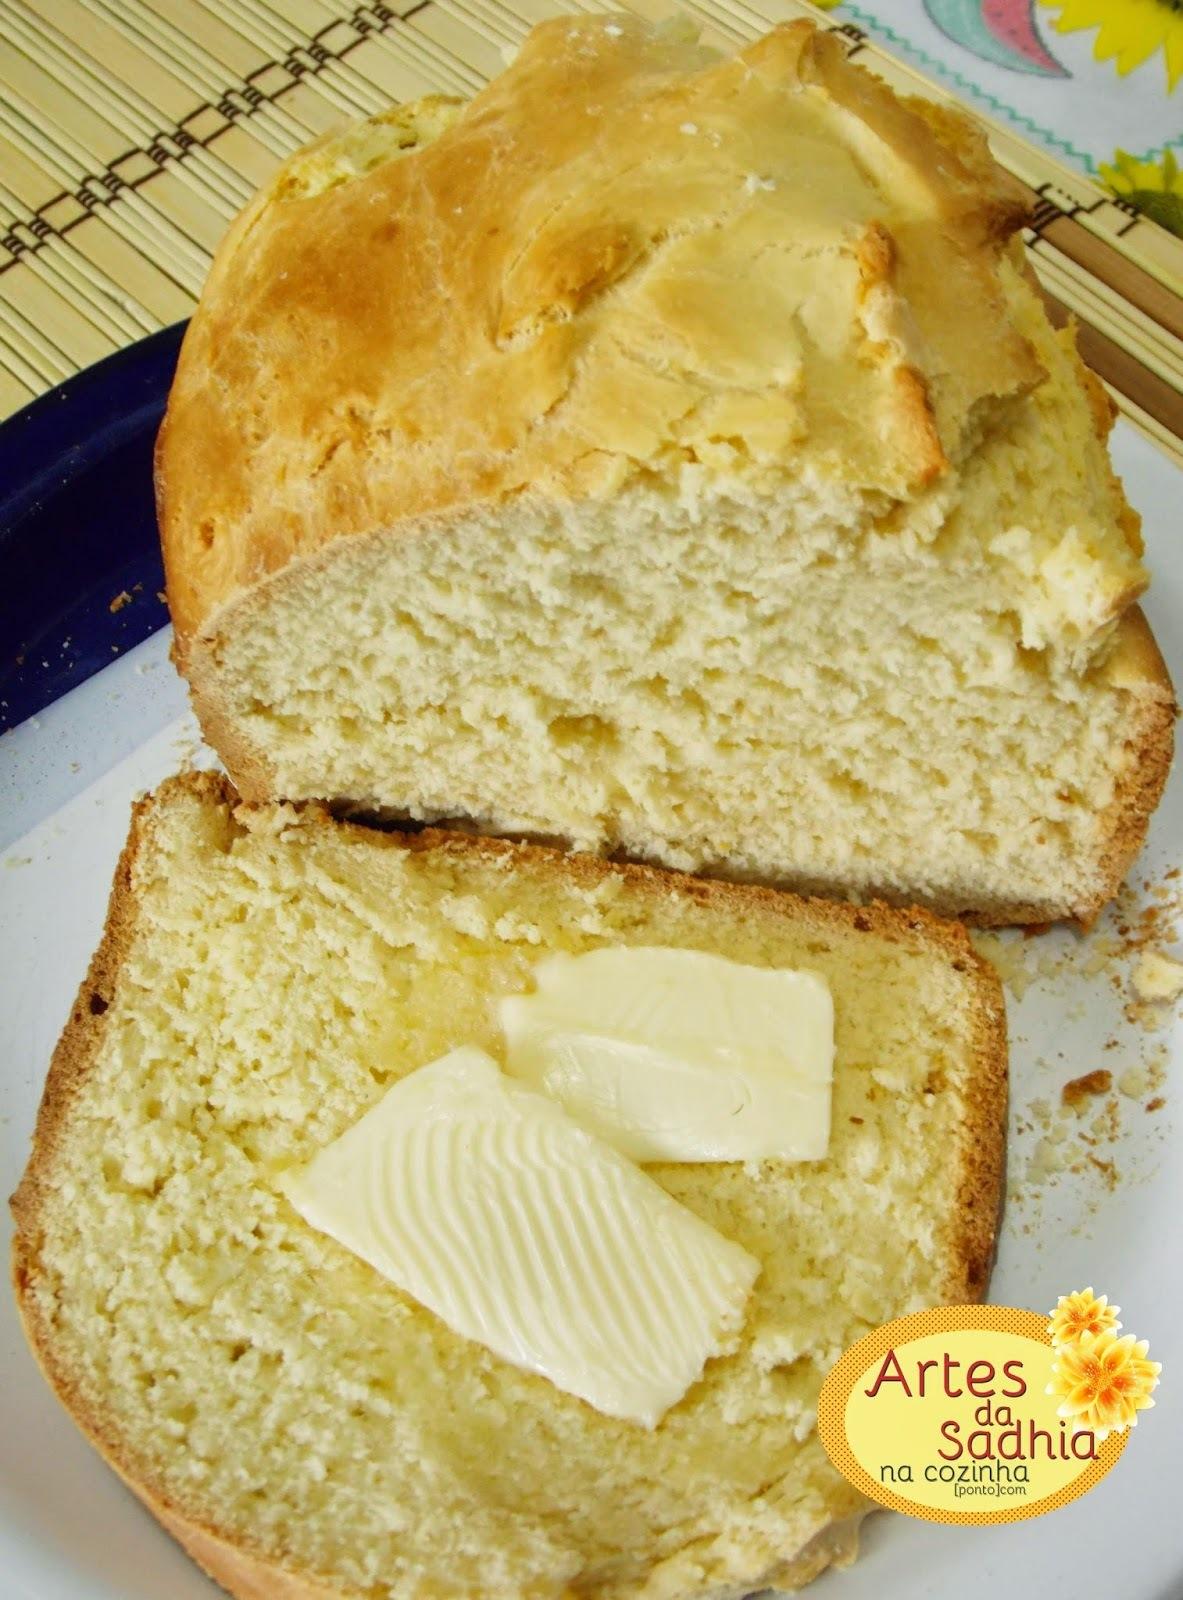 Cuca da Elisa que virou pão super fofo.